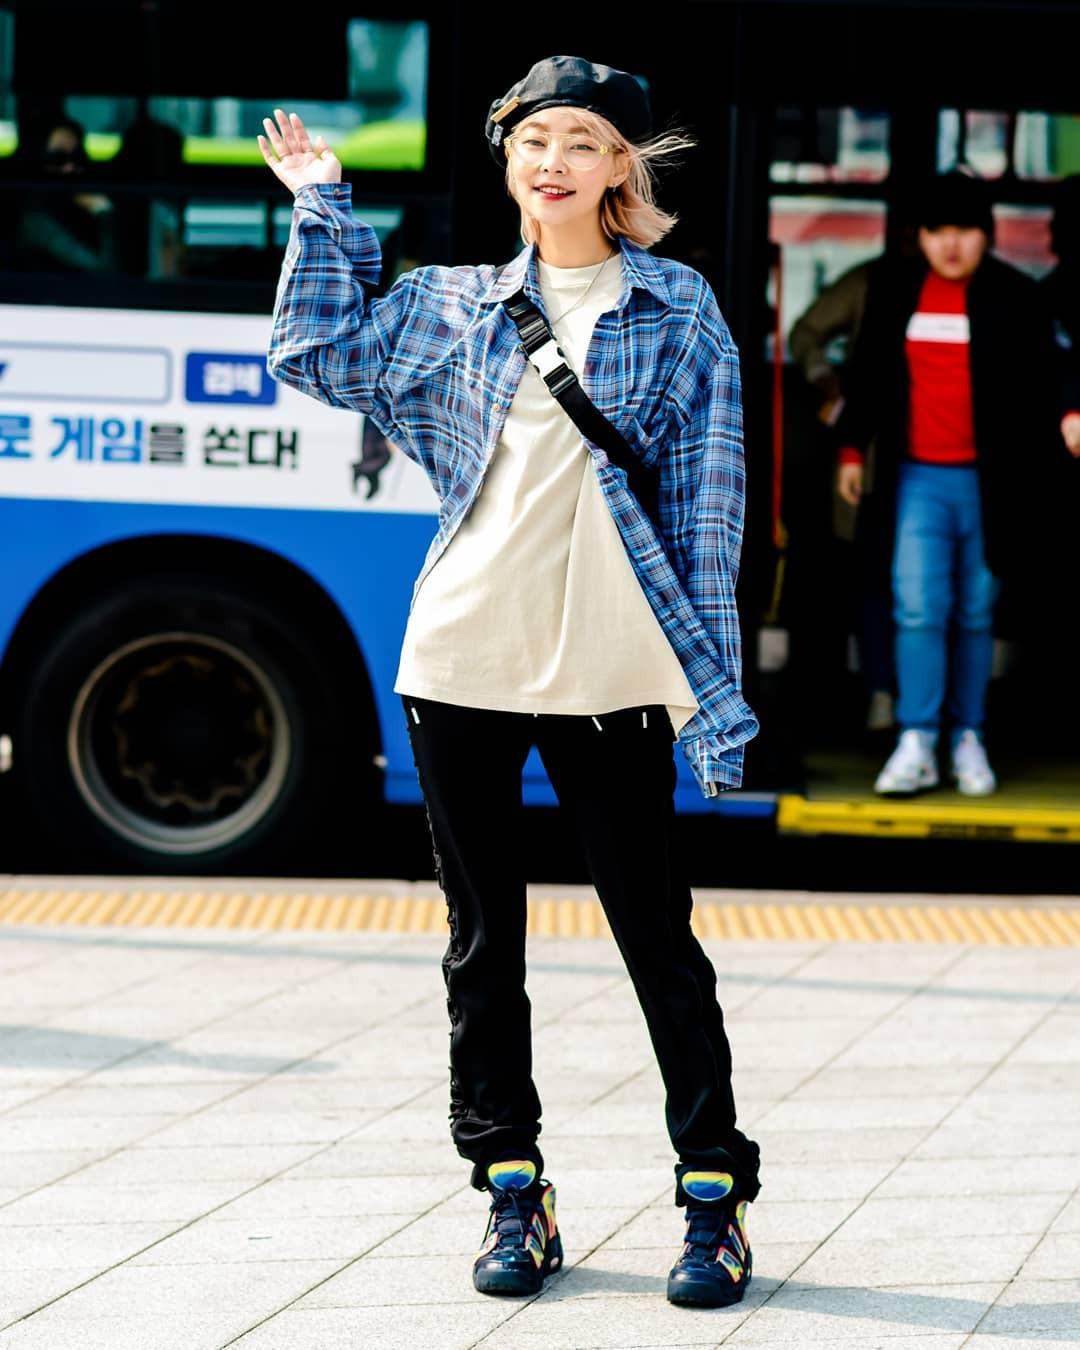 Street style của con gái Hàn tuần qua: chẳng cầu kỳ mà đẹp phát mê, ai xem xong cũng dễ crush - Ảnh 3.